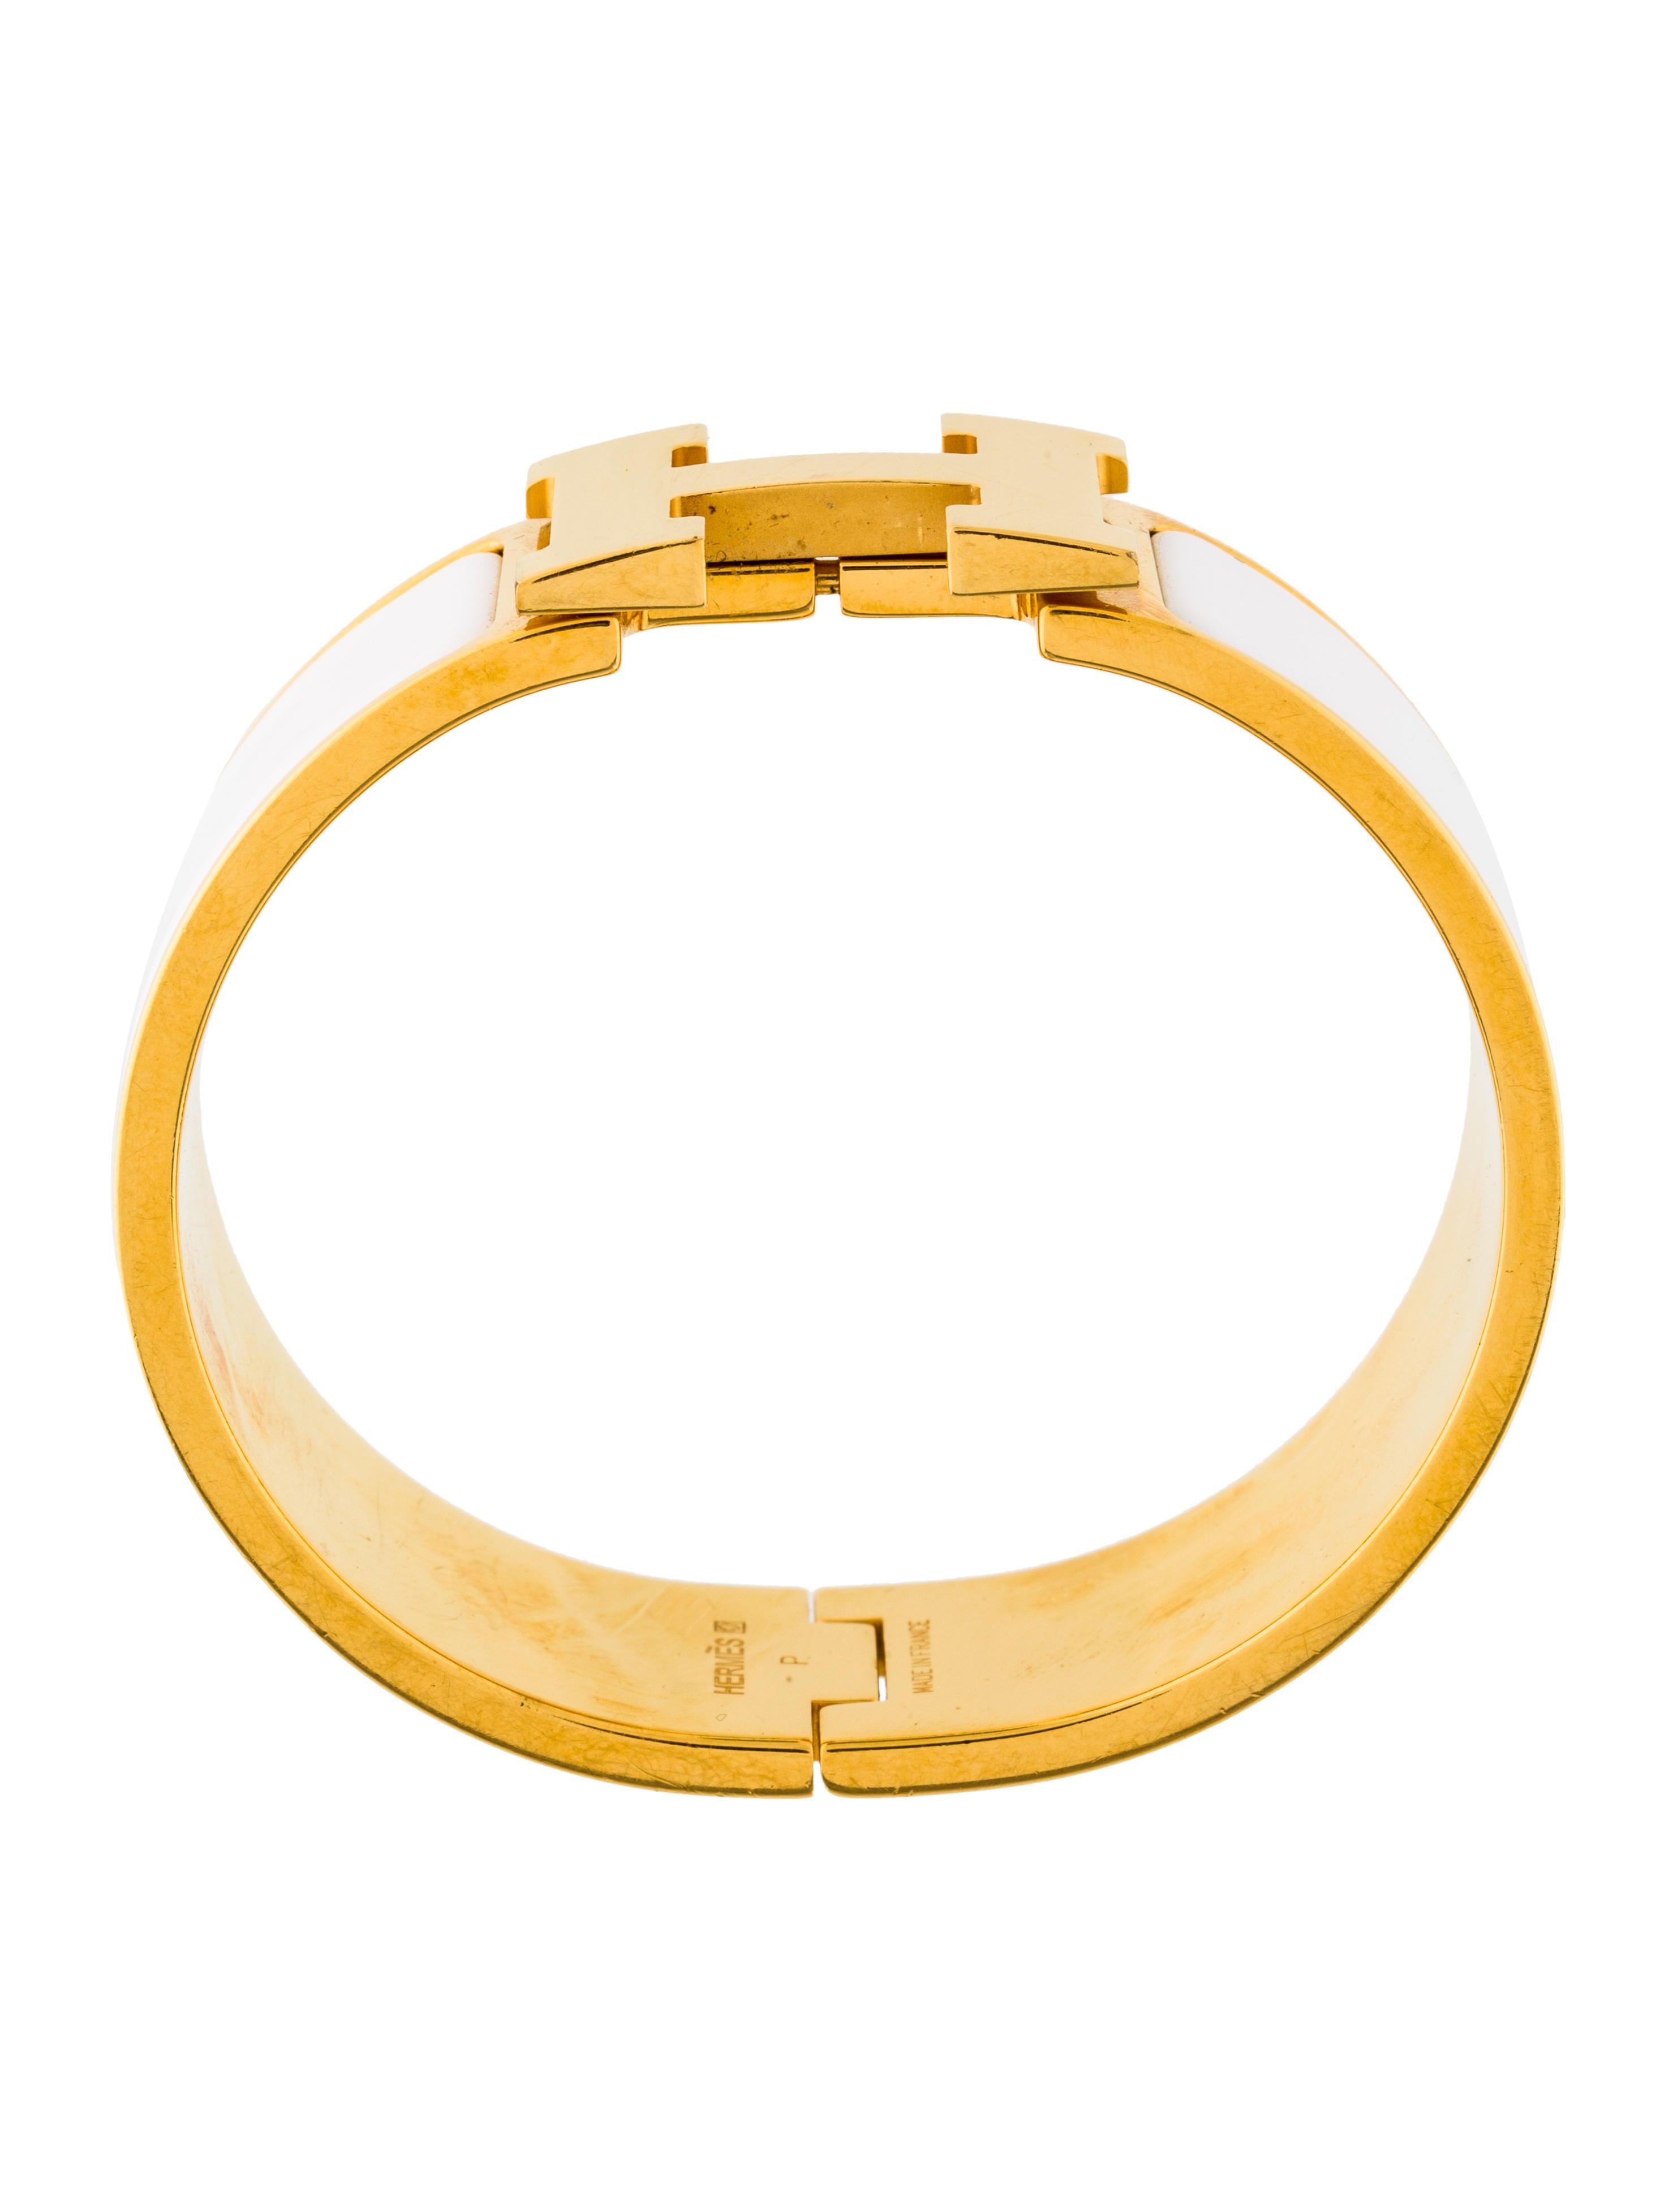 herm s clic clac h bracelet bracelets her109265 the. Black Bedroom Furniture Sets. Home Design Ideas